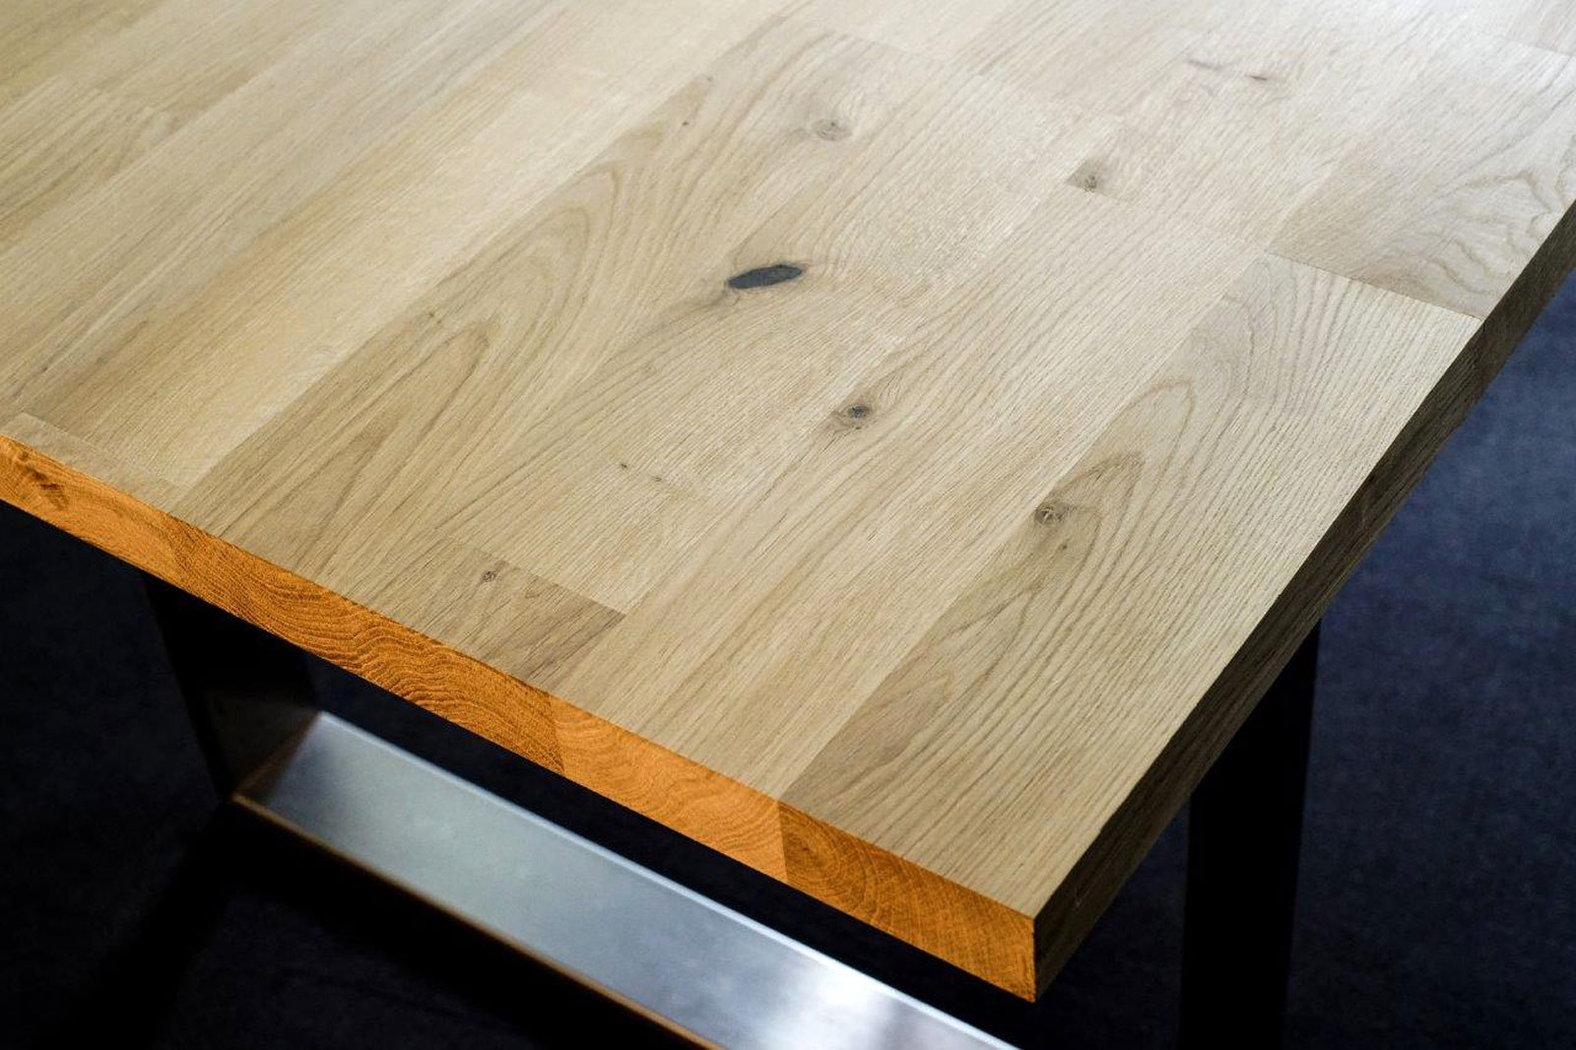 tischplatte massivholz wildeiche asteiche kgz breitlamelle 40 2000 1000. Black Bedroom Furniture Sets. Home Design Ideas